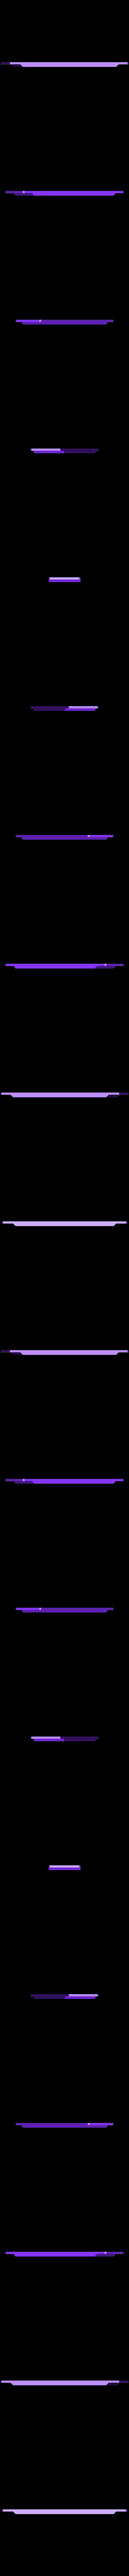 Bottom.stl Télécharger fichier OBJ gratuit Enregistrement de la lumière • Plan à imprimer en 3D, matheuservilha